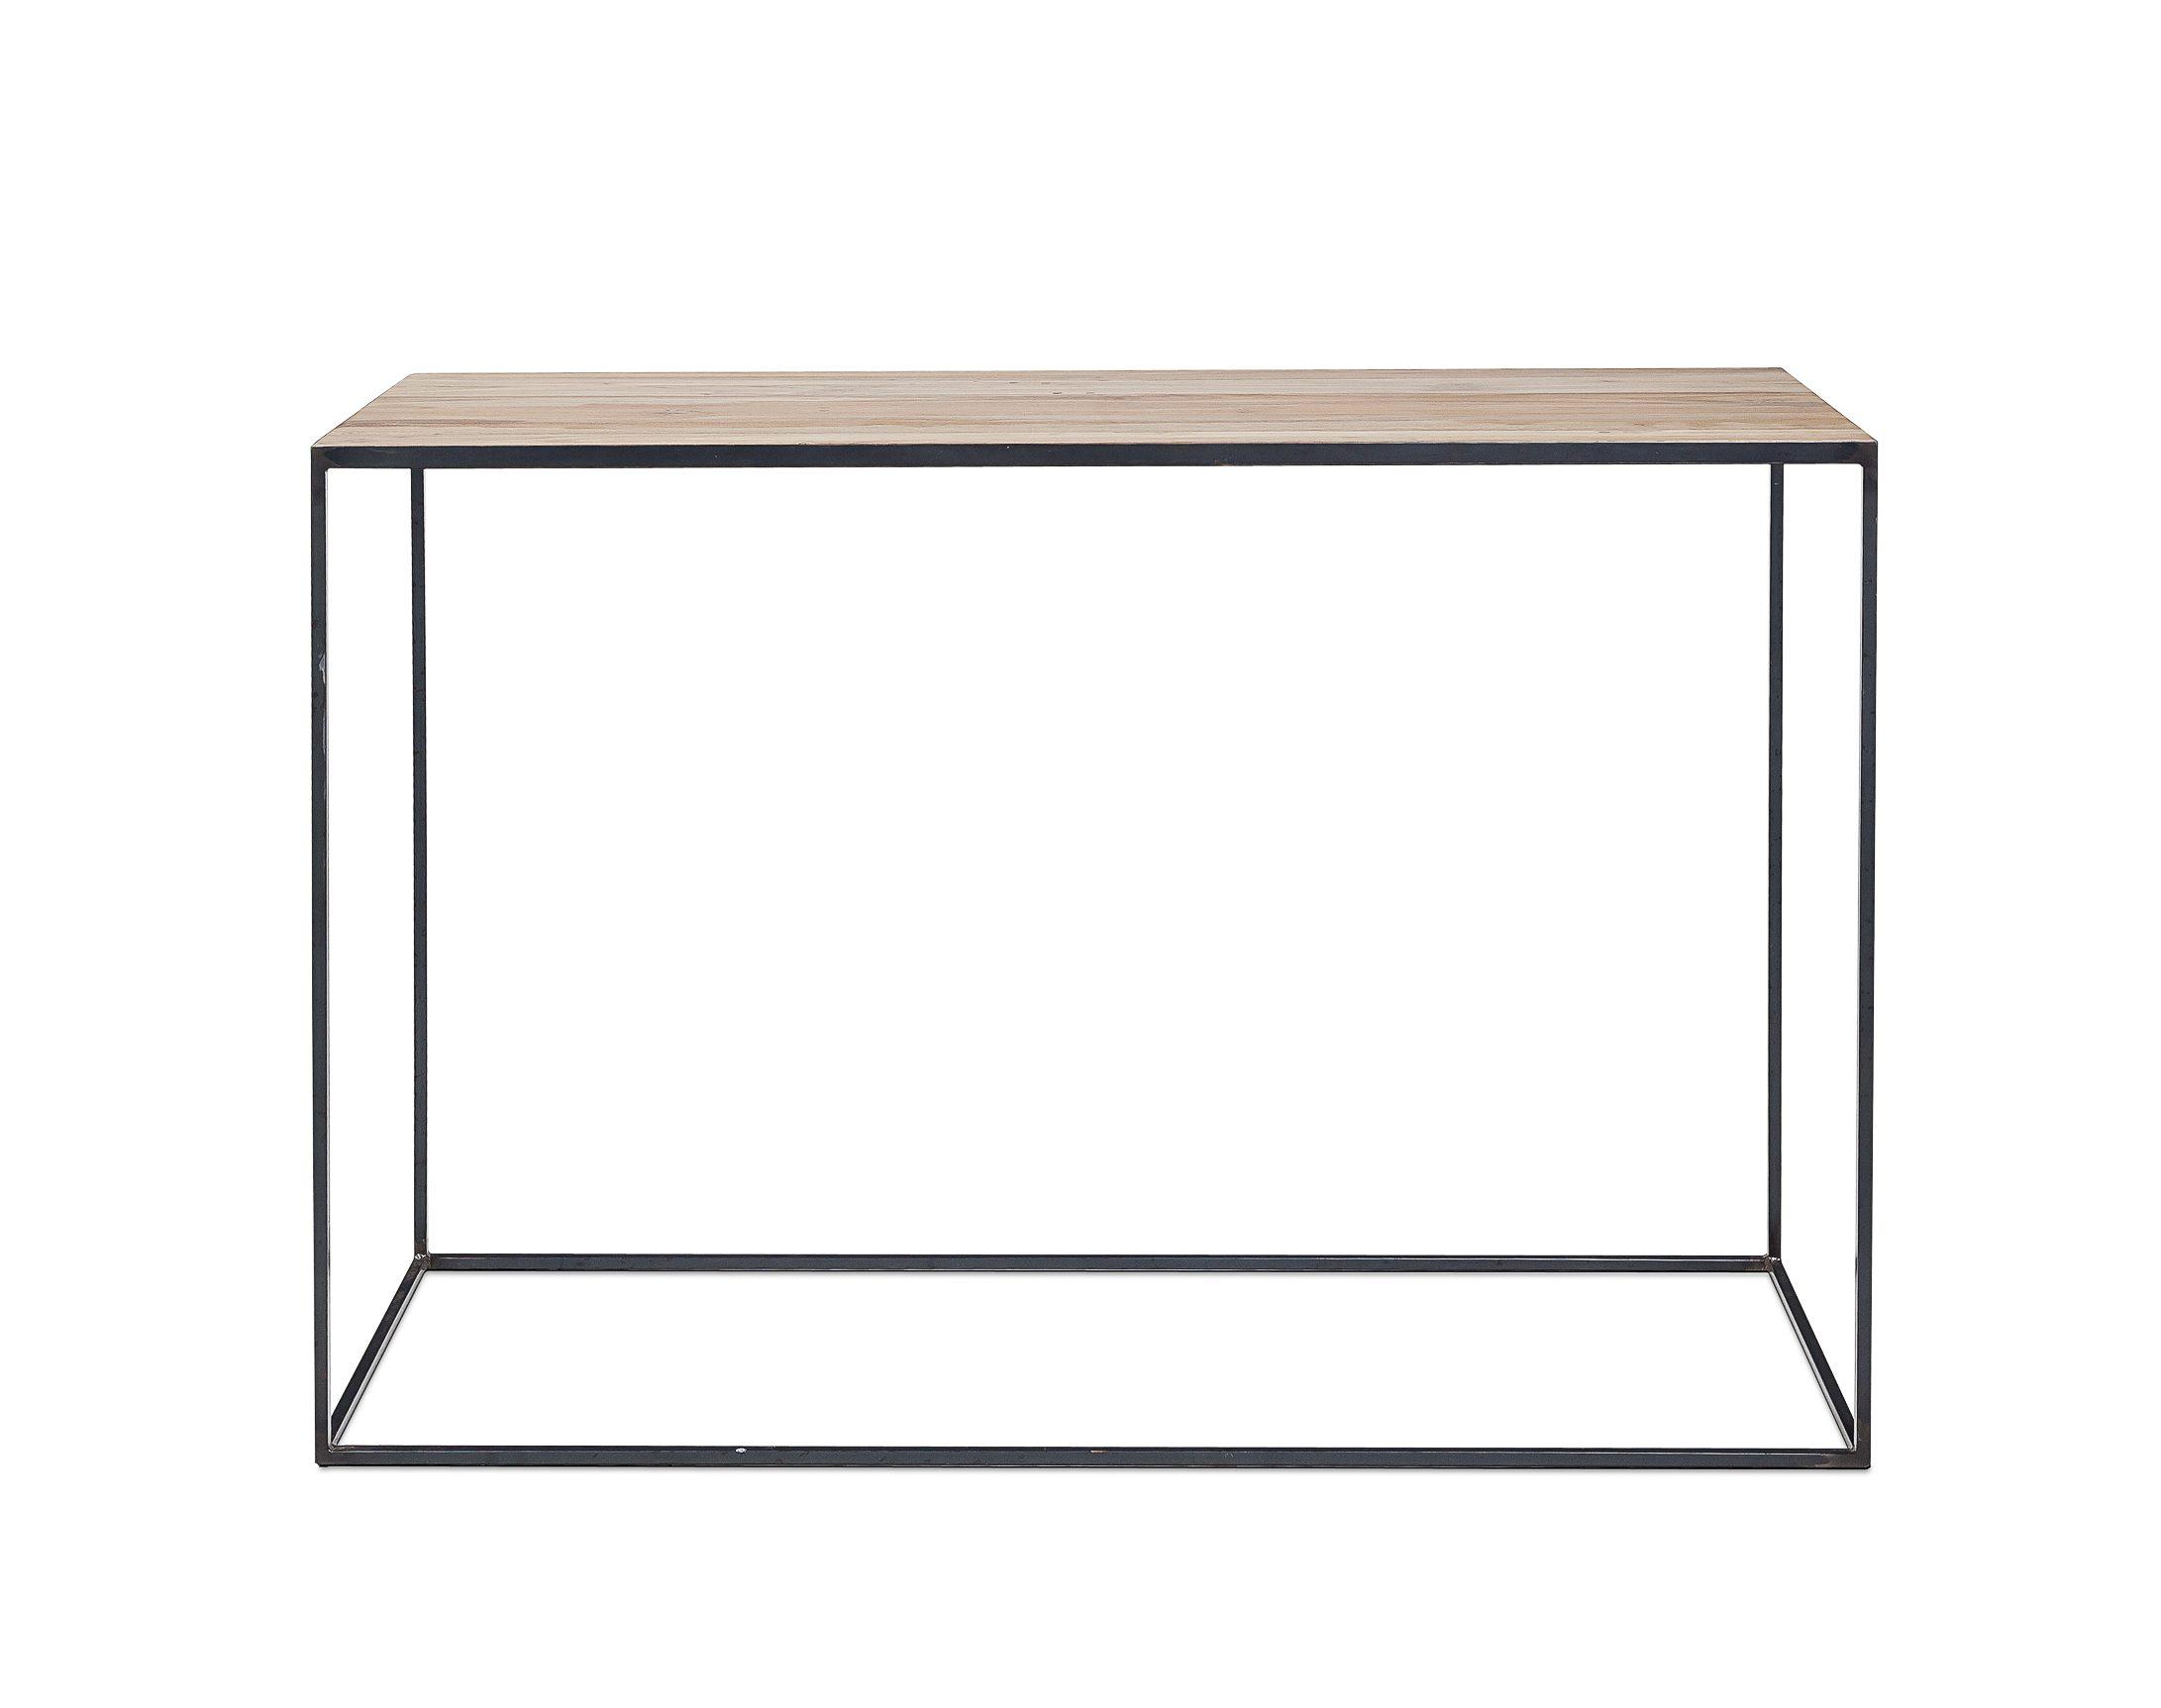 meuble console en teck - onetwo de Kayumanis